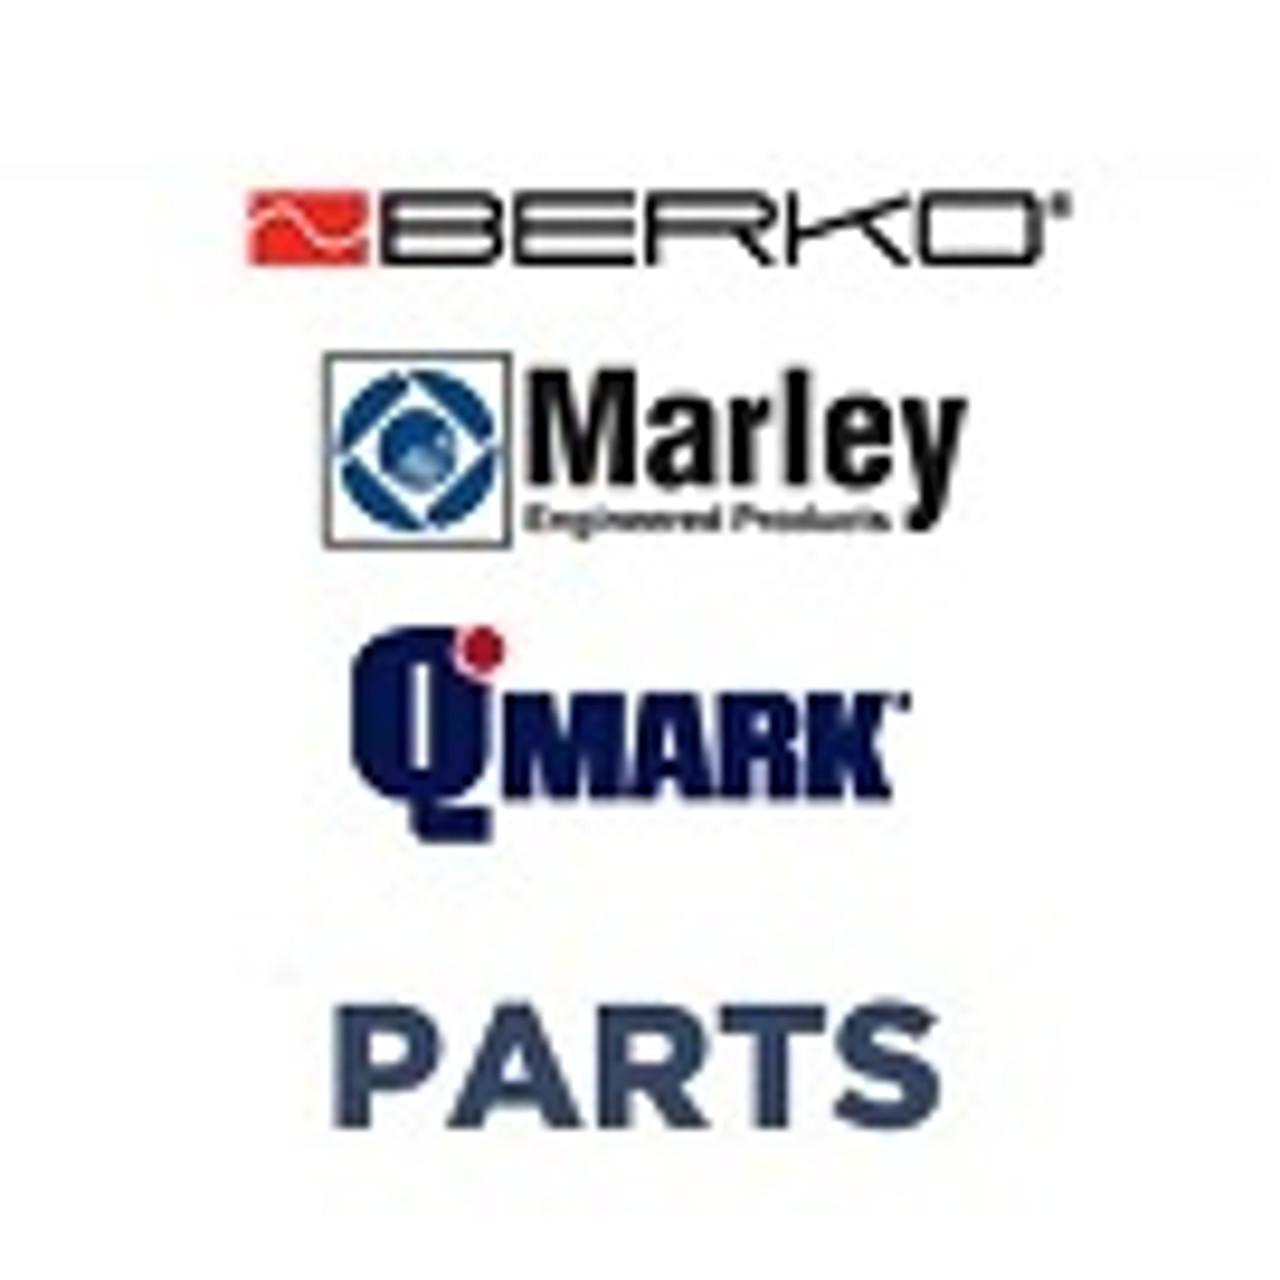 Berko-Marley-QMark Parts